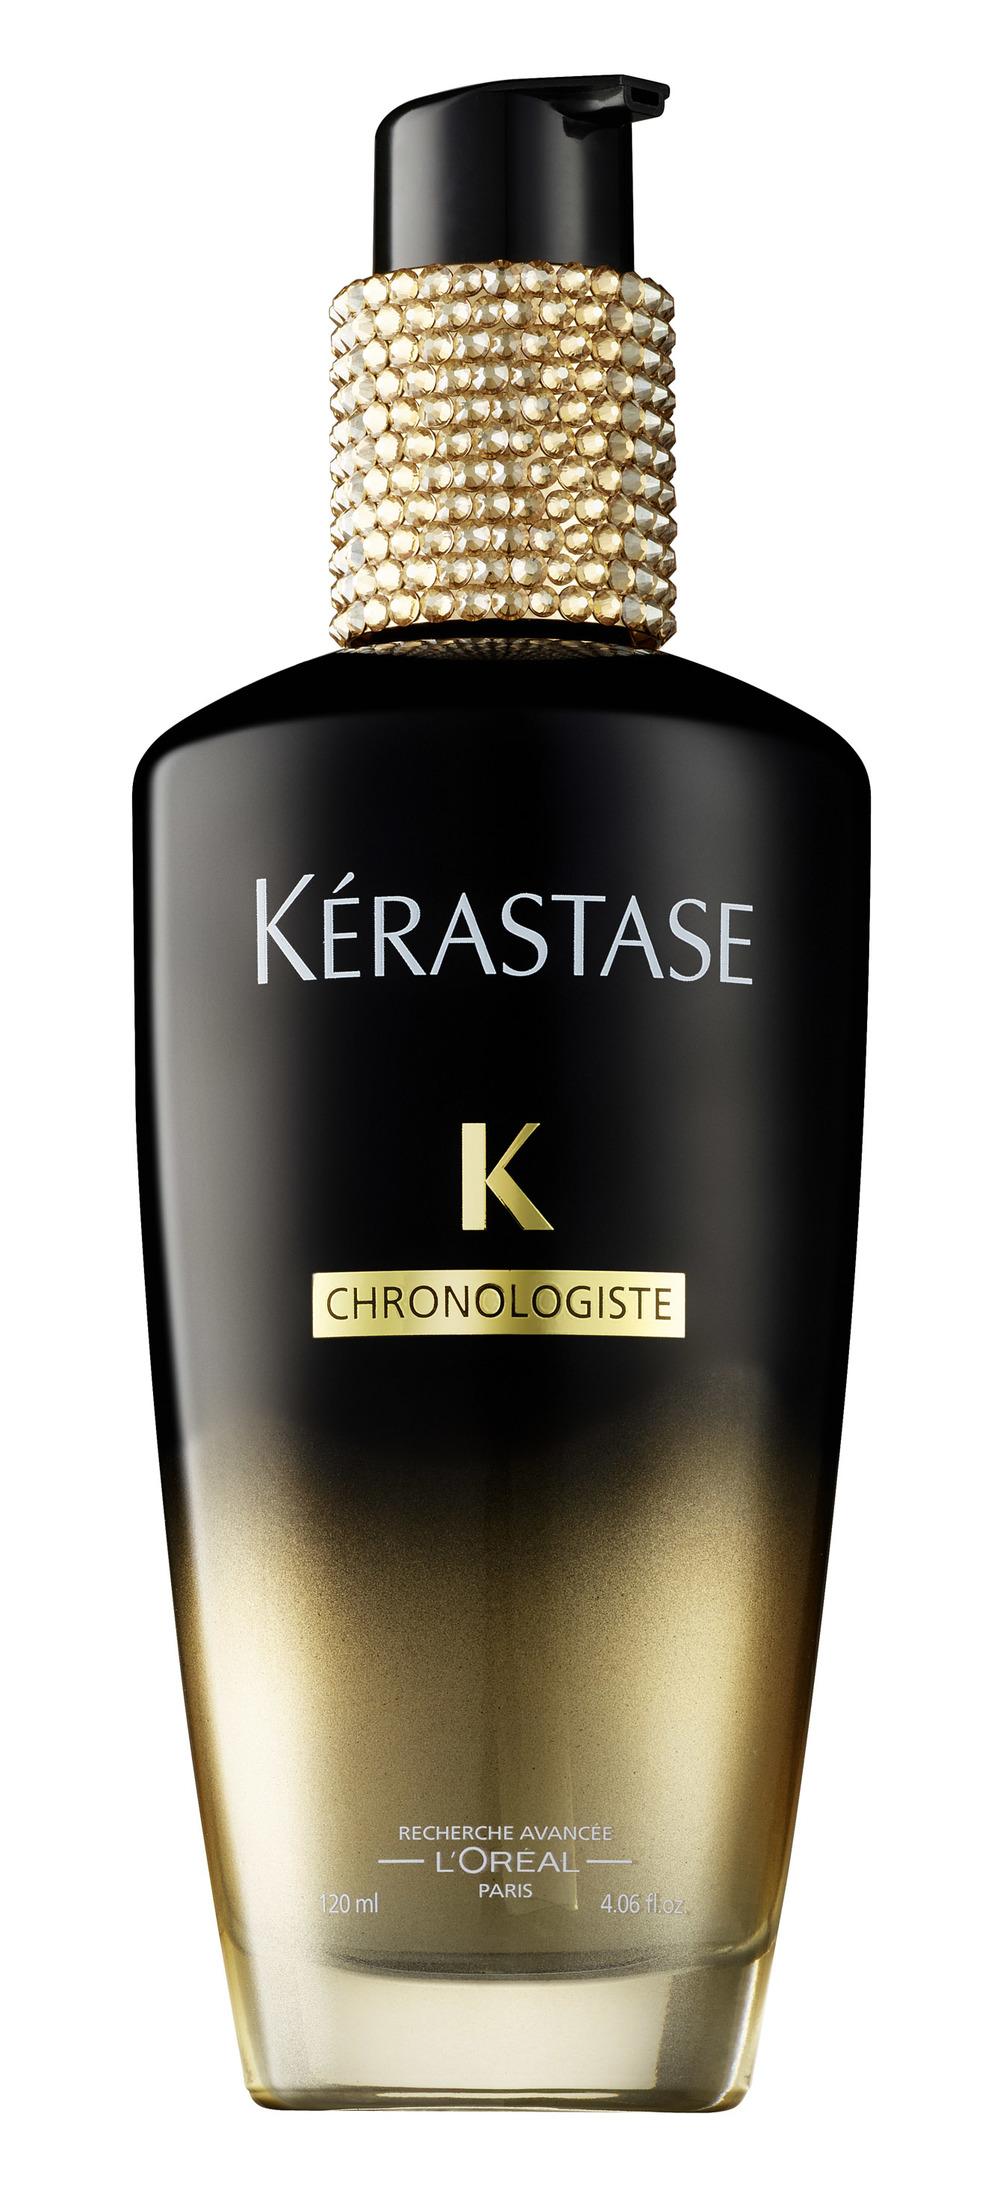 Chronologiste Fragrant Oil Crystallized - Die very limited Edition von Swarovski. Ab sofort und nur bei uns im Salon, limitiert auf 5 Flaschen zum Preis von je 300,- Euro. Der Erlös wird zu 100 Prozent zur Unterstützung des Mehrgenerationen Hauses München gespendet. Das erste Parfum für das Haar von Kérastase, das Parum en Huile besteht aus Düften der Haute Parfumerie und aus einem Myrrh Oleo-Komplex. Als letzter Schritt verleiht das Parfum en Huile ihrem Haar, nach dem Frisieren, eine aussergewöhnliche Sanfheit und Glanz. Das Haar wird für längere Zeit von diesem sinnlichen, zarten und langanhaltenden Duft parfümiert. Die Haarfaser wird gepflegt und veredelt. 1-2 Pumphübe mit den Händen auf das trockene Haar streichen. Vor allem in den Längen und Spitzen einarbeiten. Nicht ausspülen.